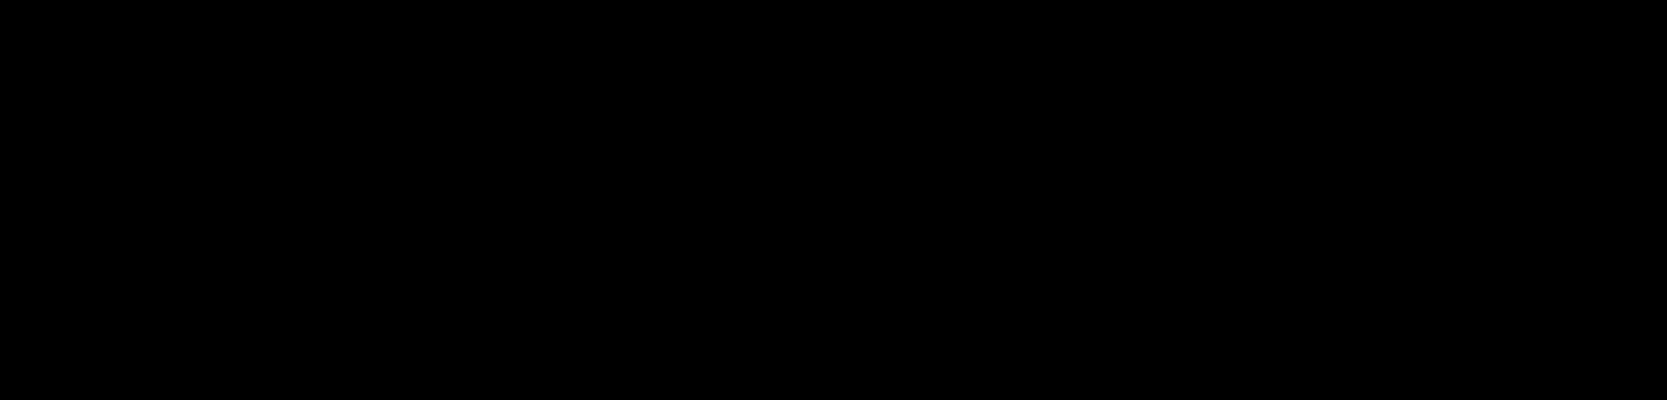 rots in branding branding methode werkwijze symbols